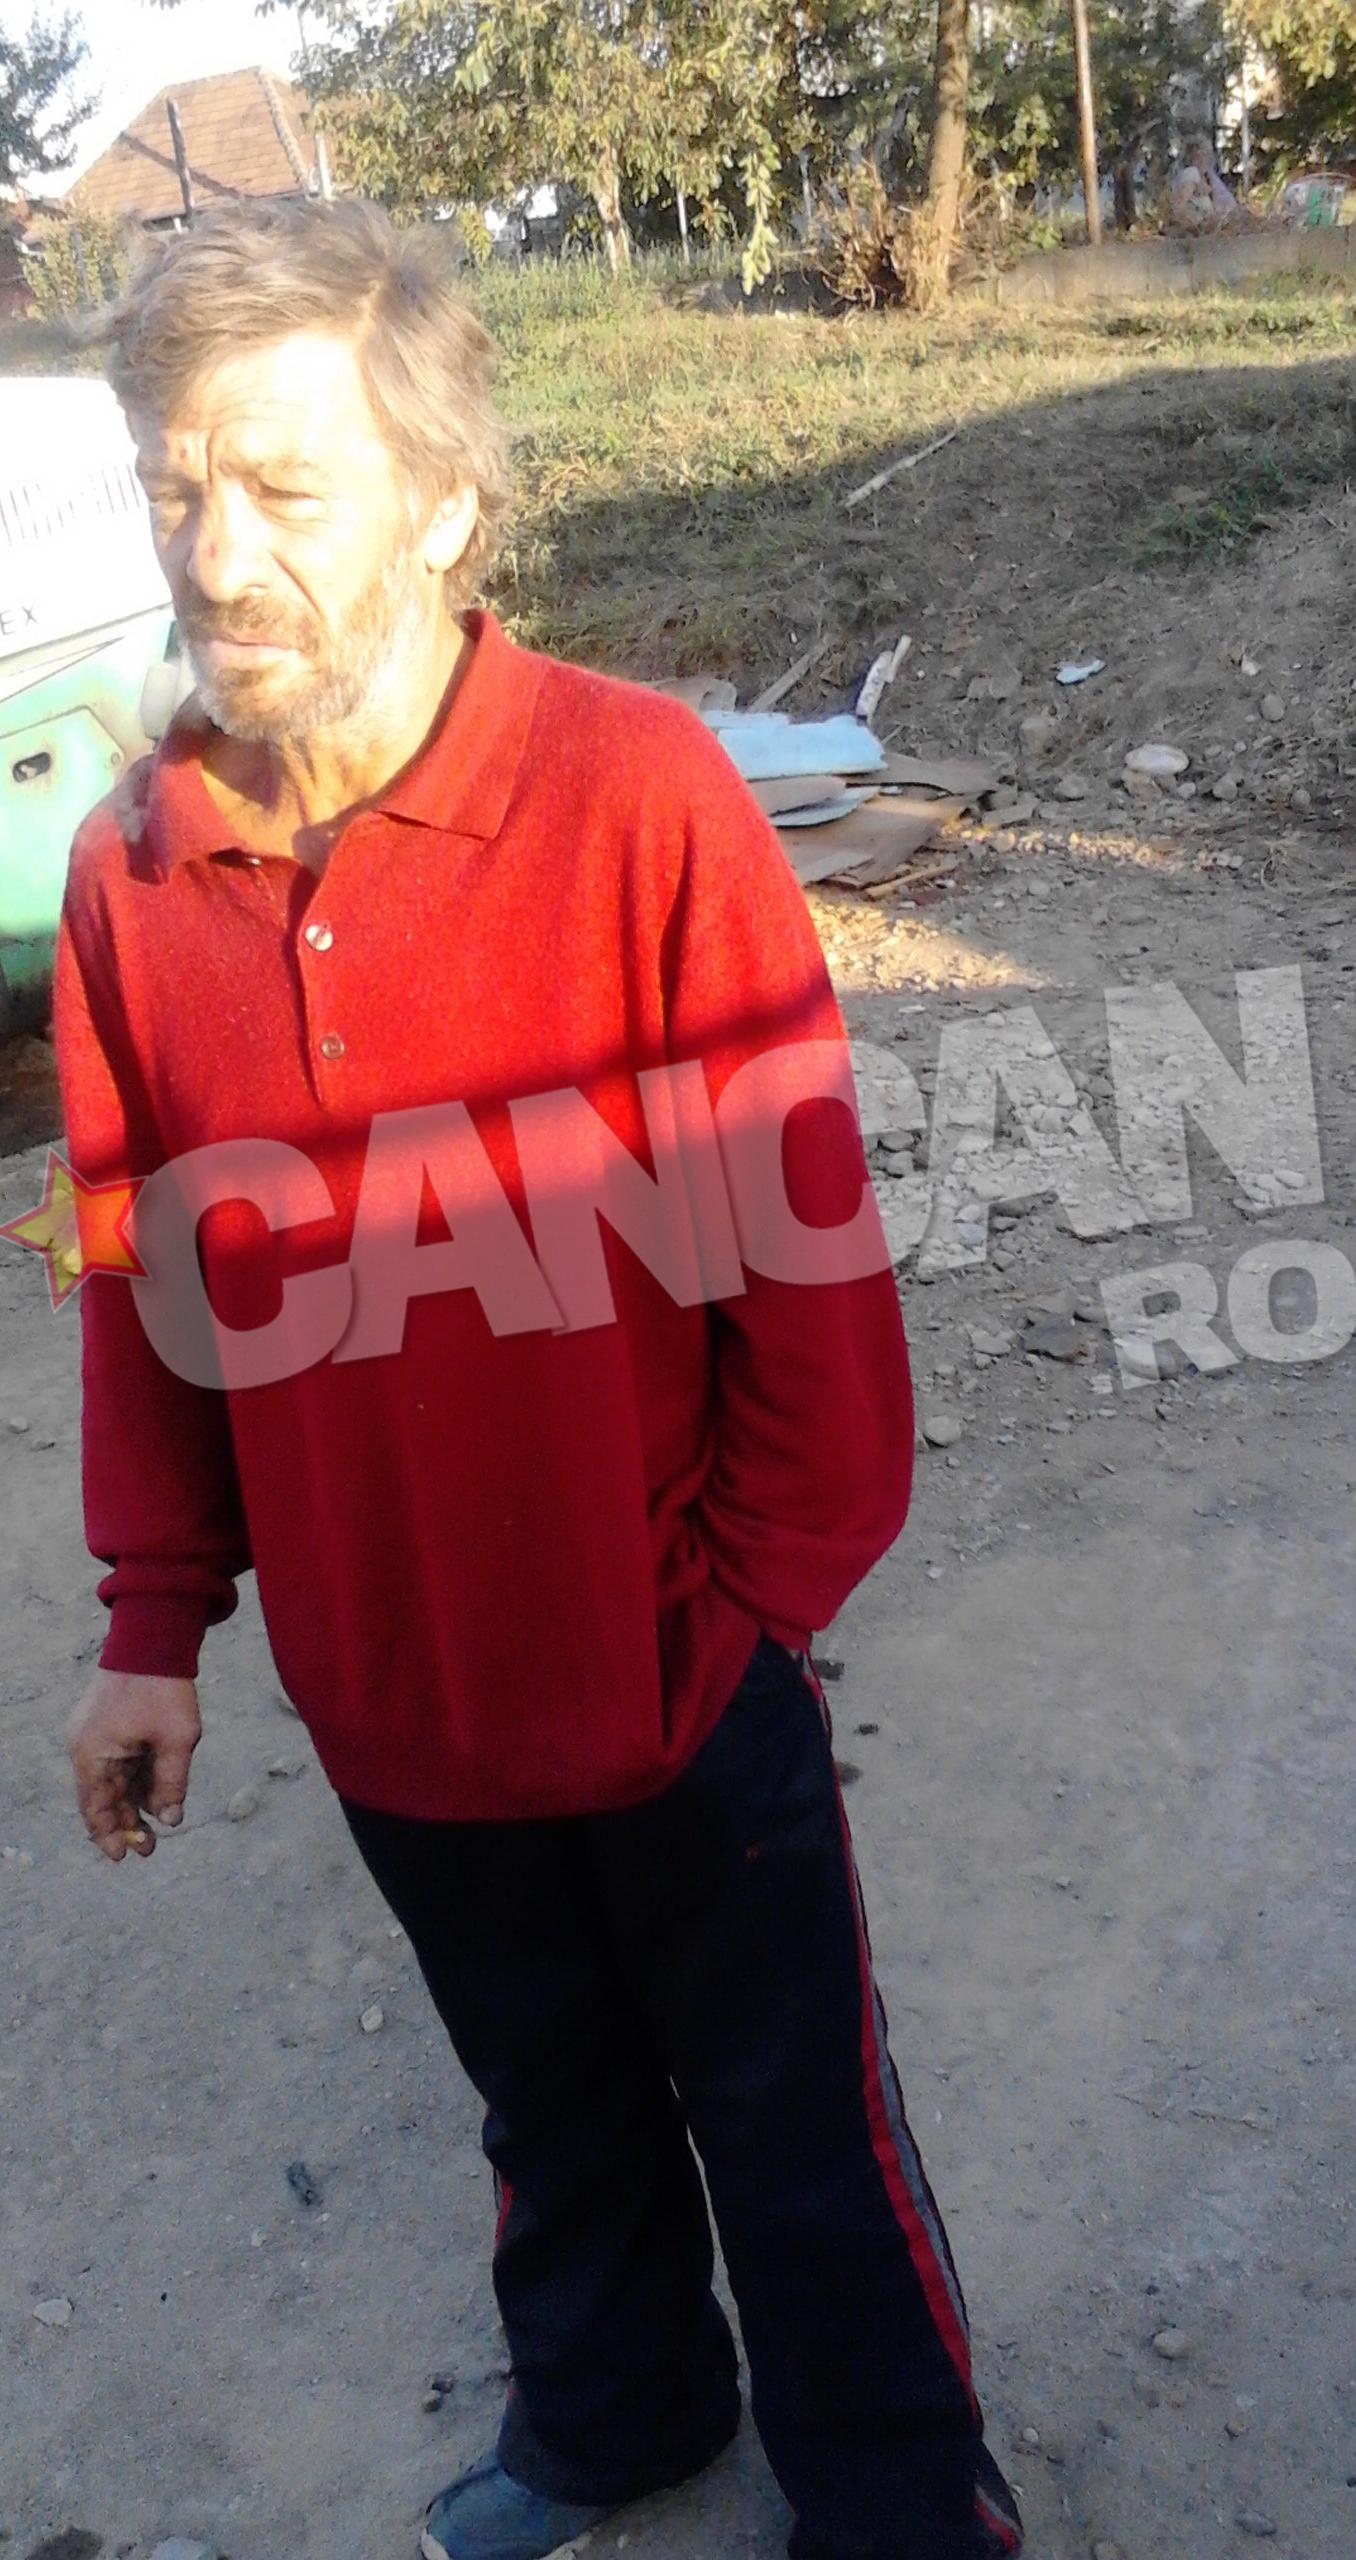 Dupa ani intregi la munca prin Spania, a ajuns boschetar in Oradea